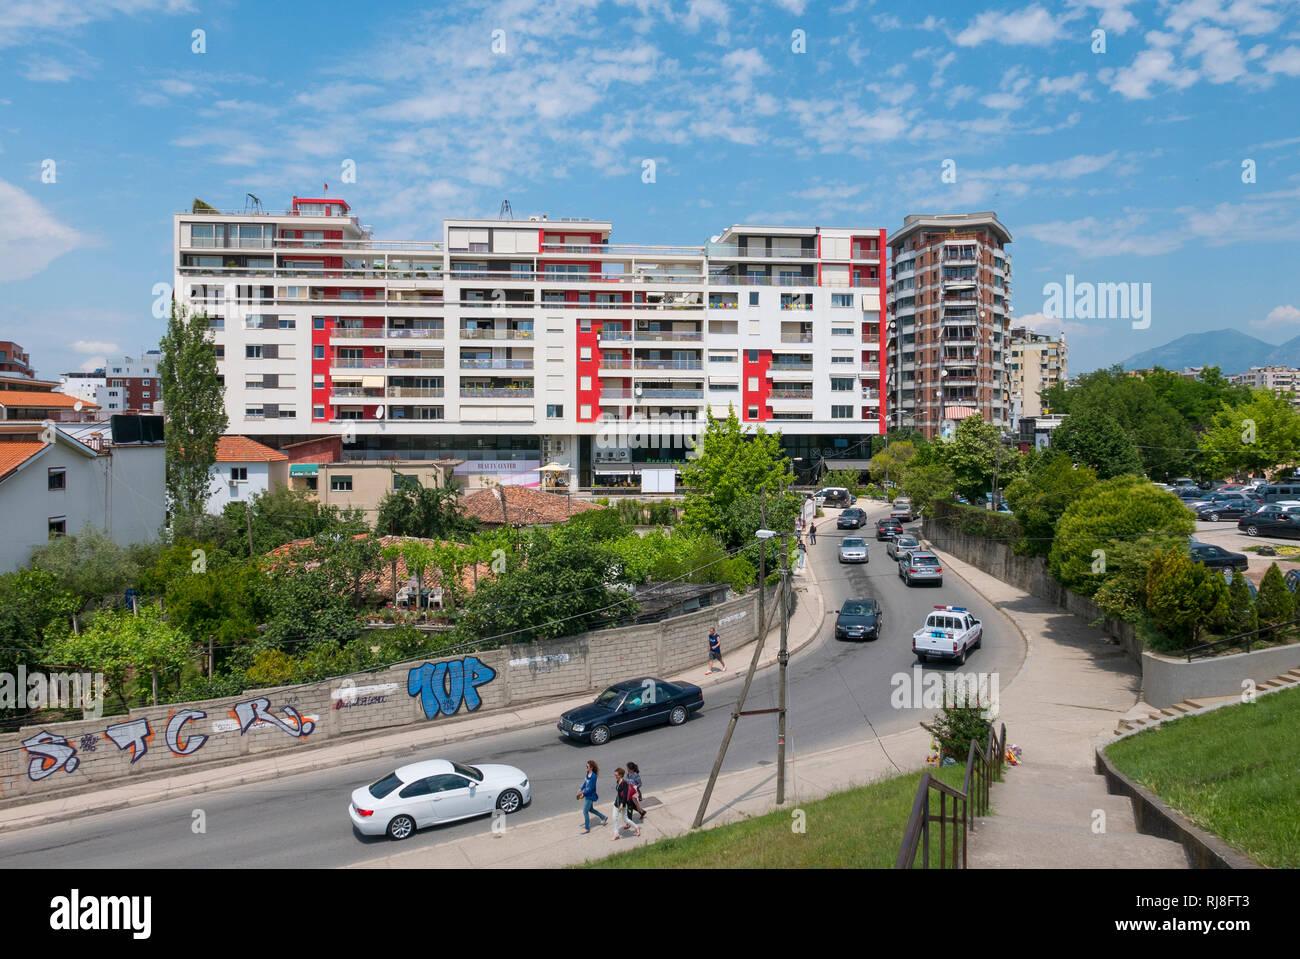 Albanien, Balkanhalbinsel, Südosteuropa, Republik Albanien, Hauptstadt Tirana, Ex-Block Blloku Ish-Blloku - Stock Image